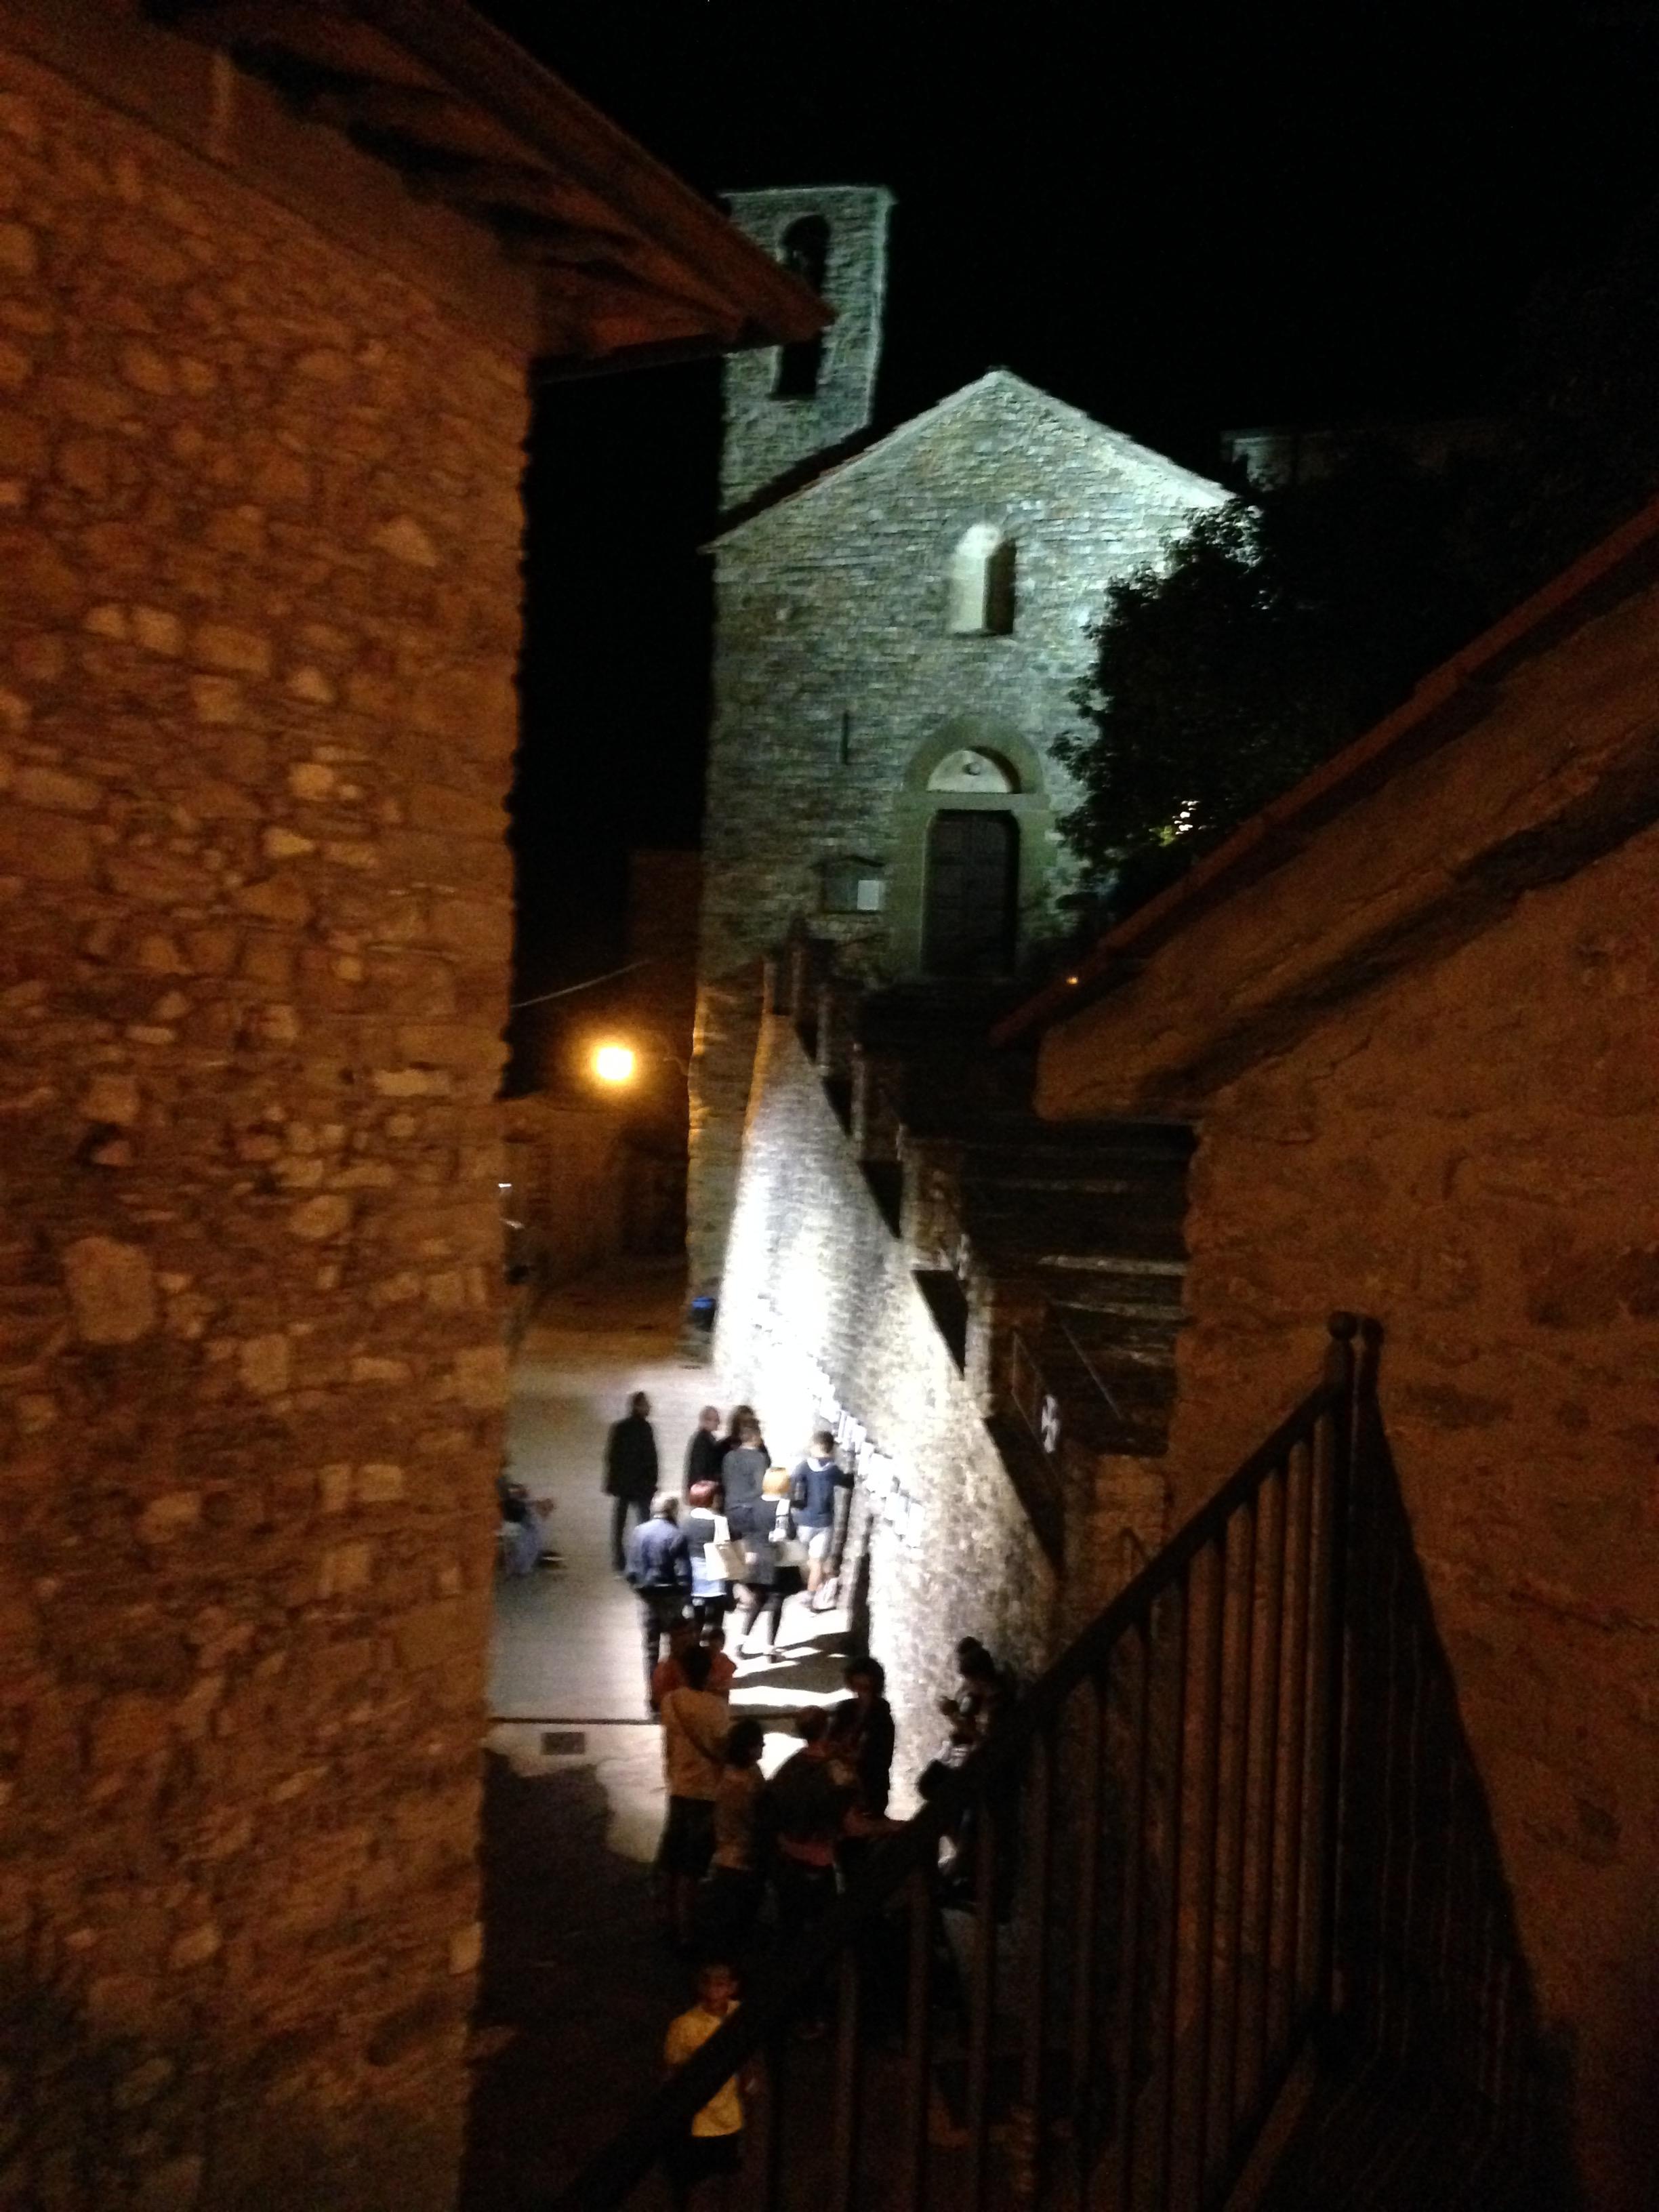 Mostra d'arte e antichi mestieri nel borgo 4